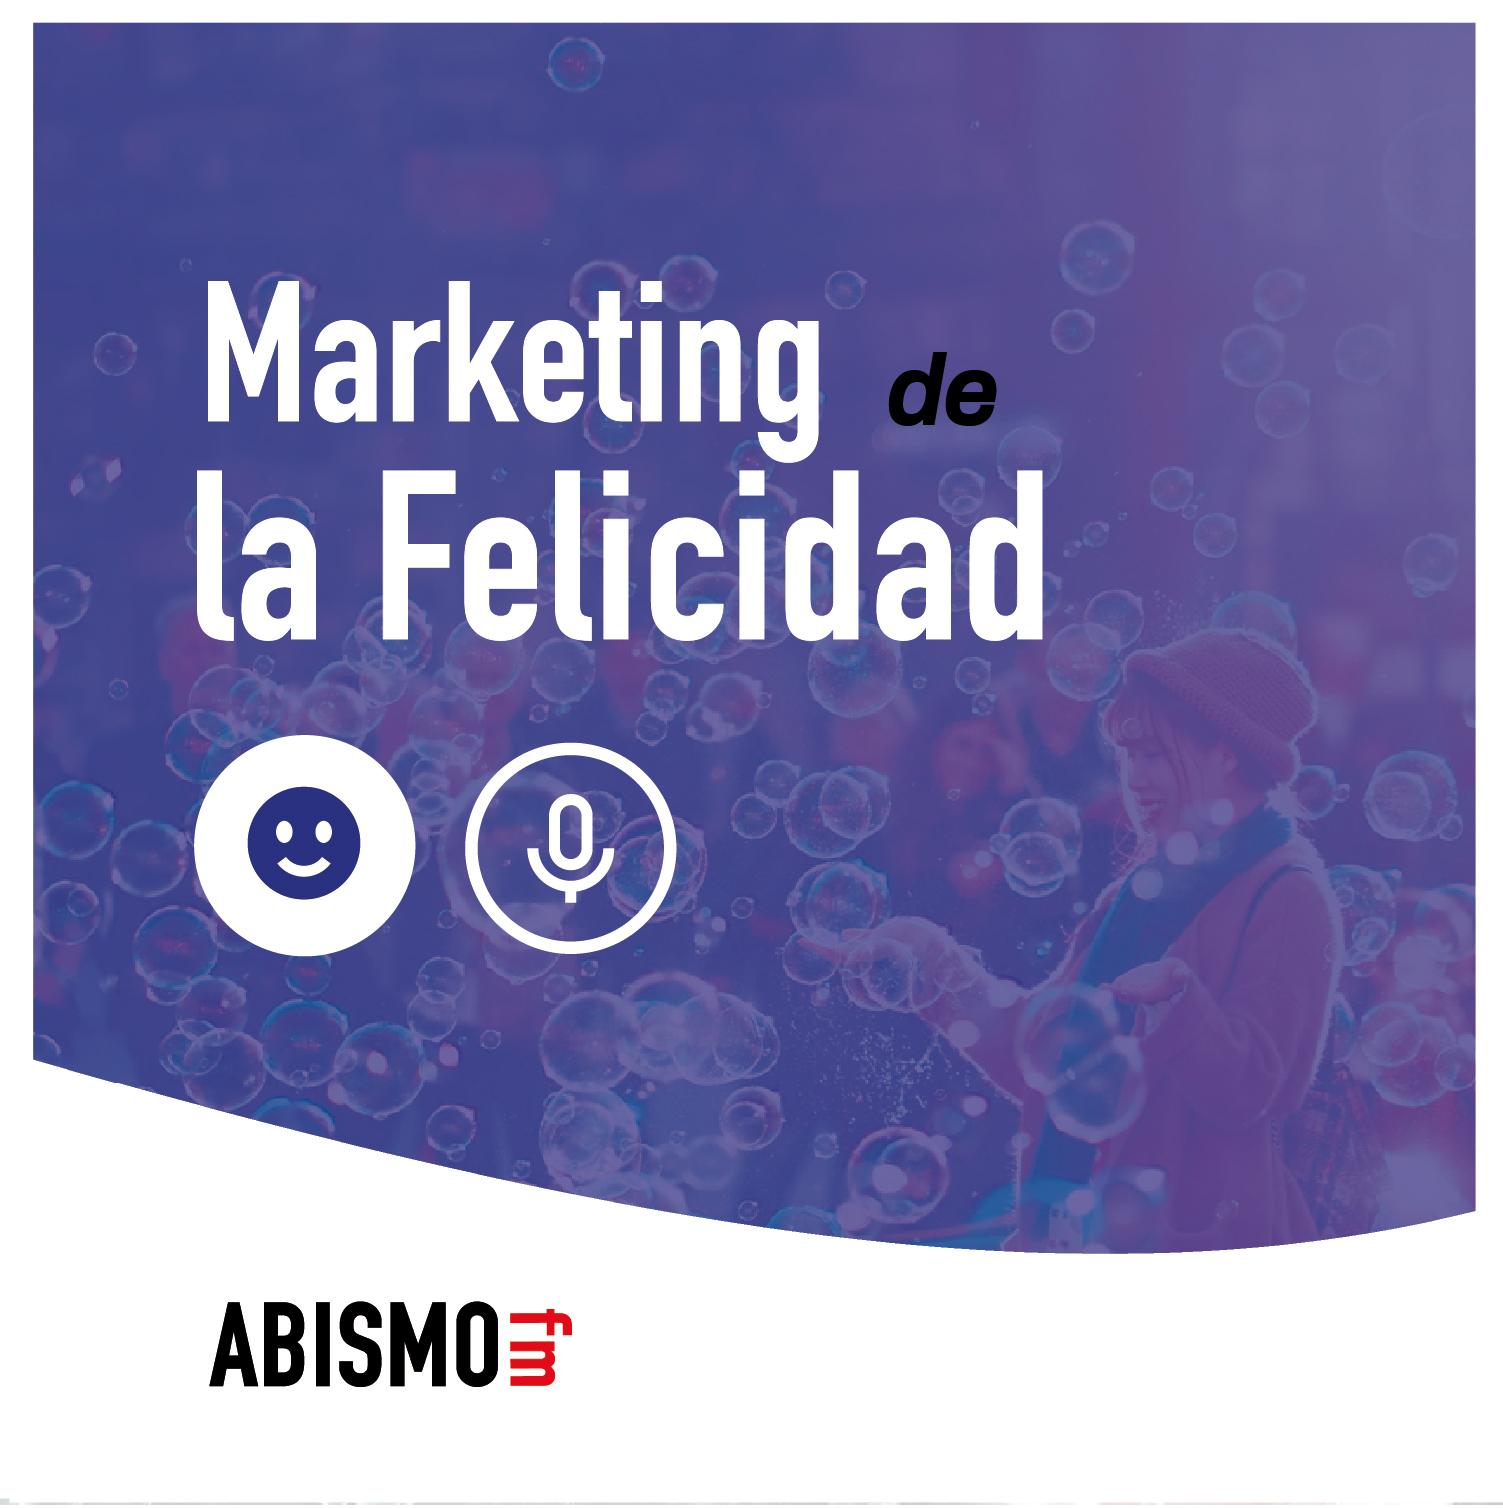 Importancia de la tecnología y la autoridad en marketing